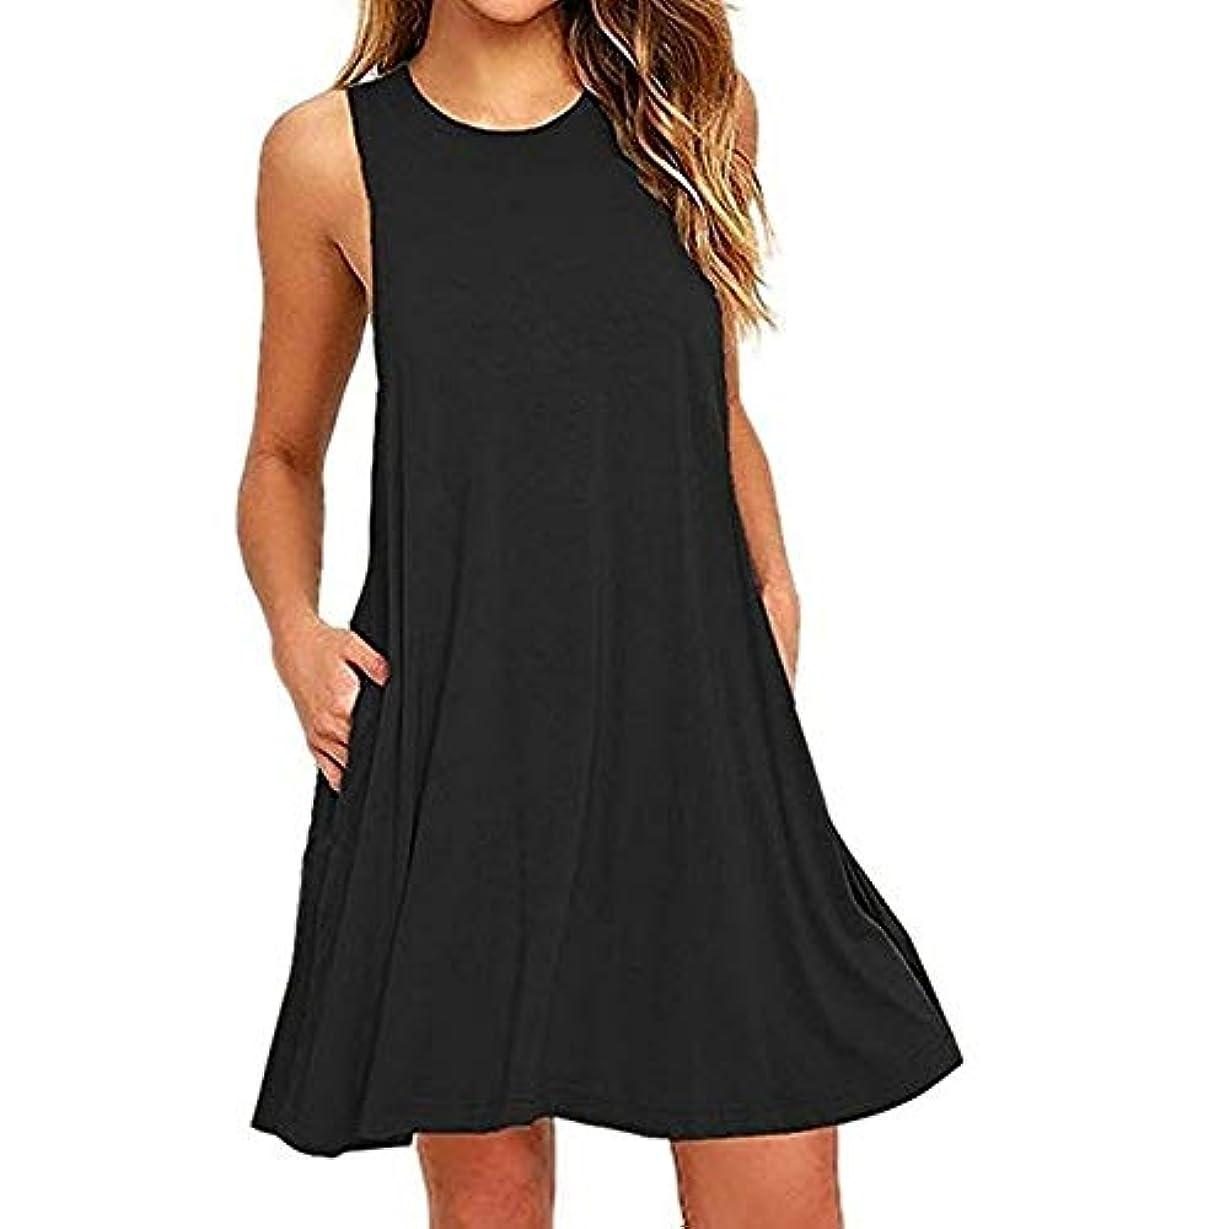 広いポテトサワーMIFAN 人の女性のドレス、プラスサイズのドレス、ノースリーブのドレス、ミニドレス、ホルタードレス、コットンドレス